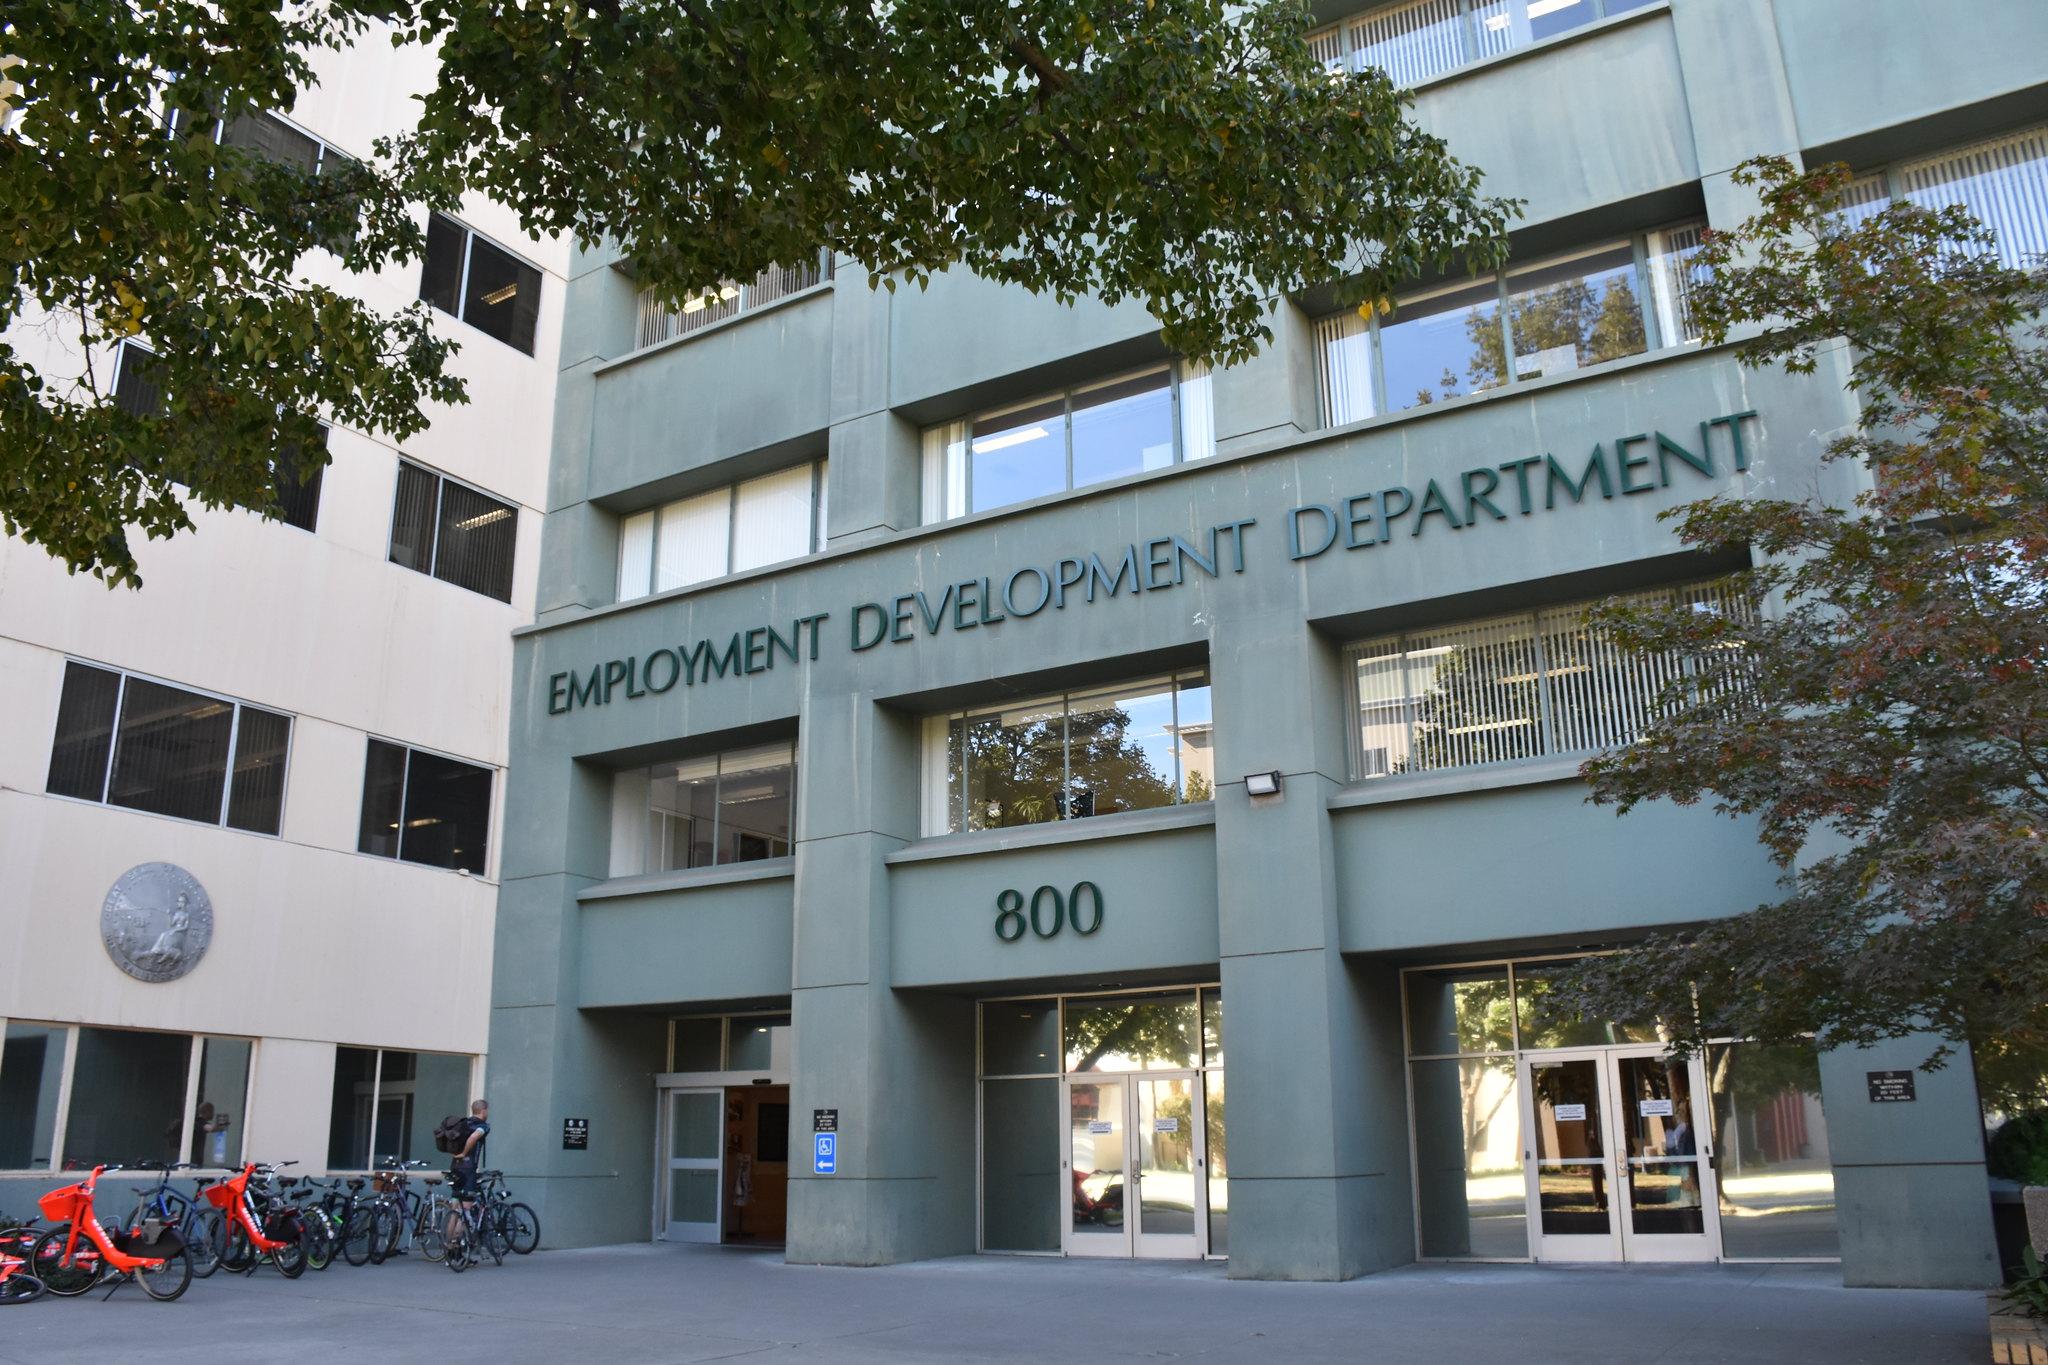 加州申请失业金人数略降 但仍高于疫情前水平